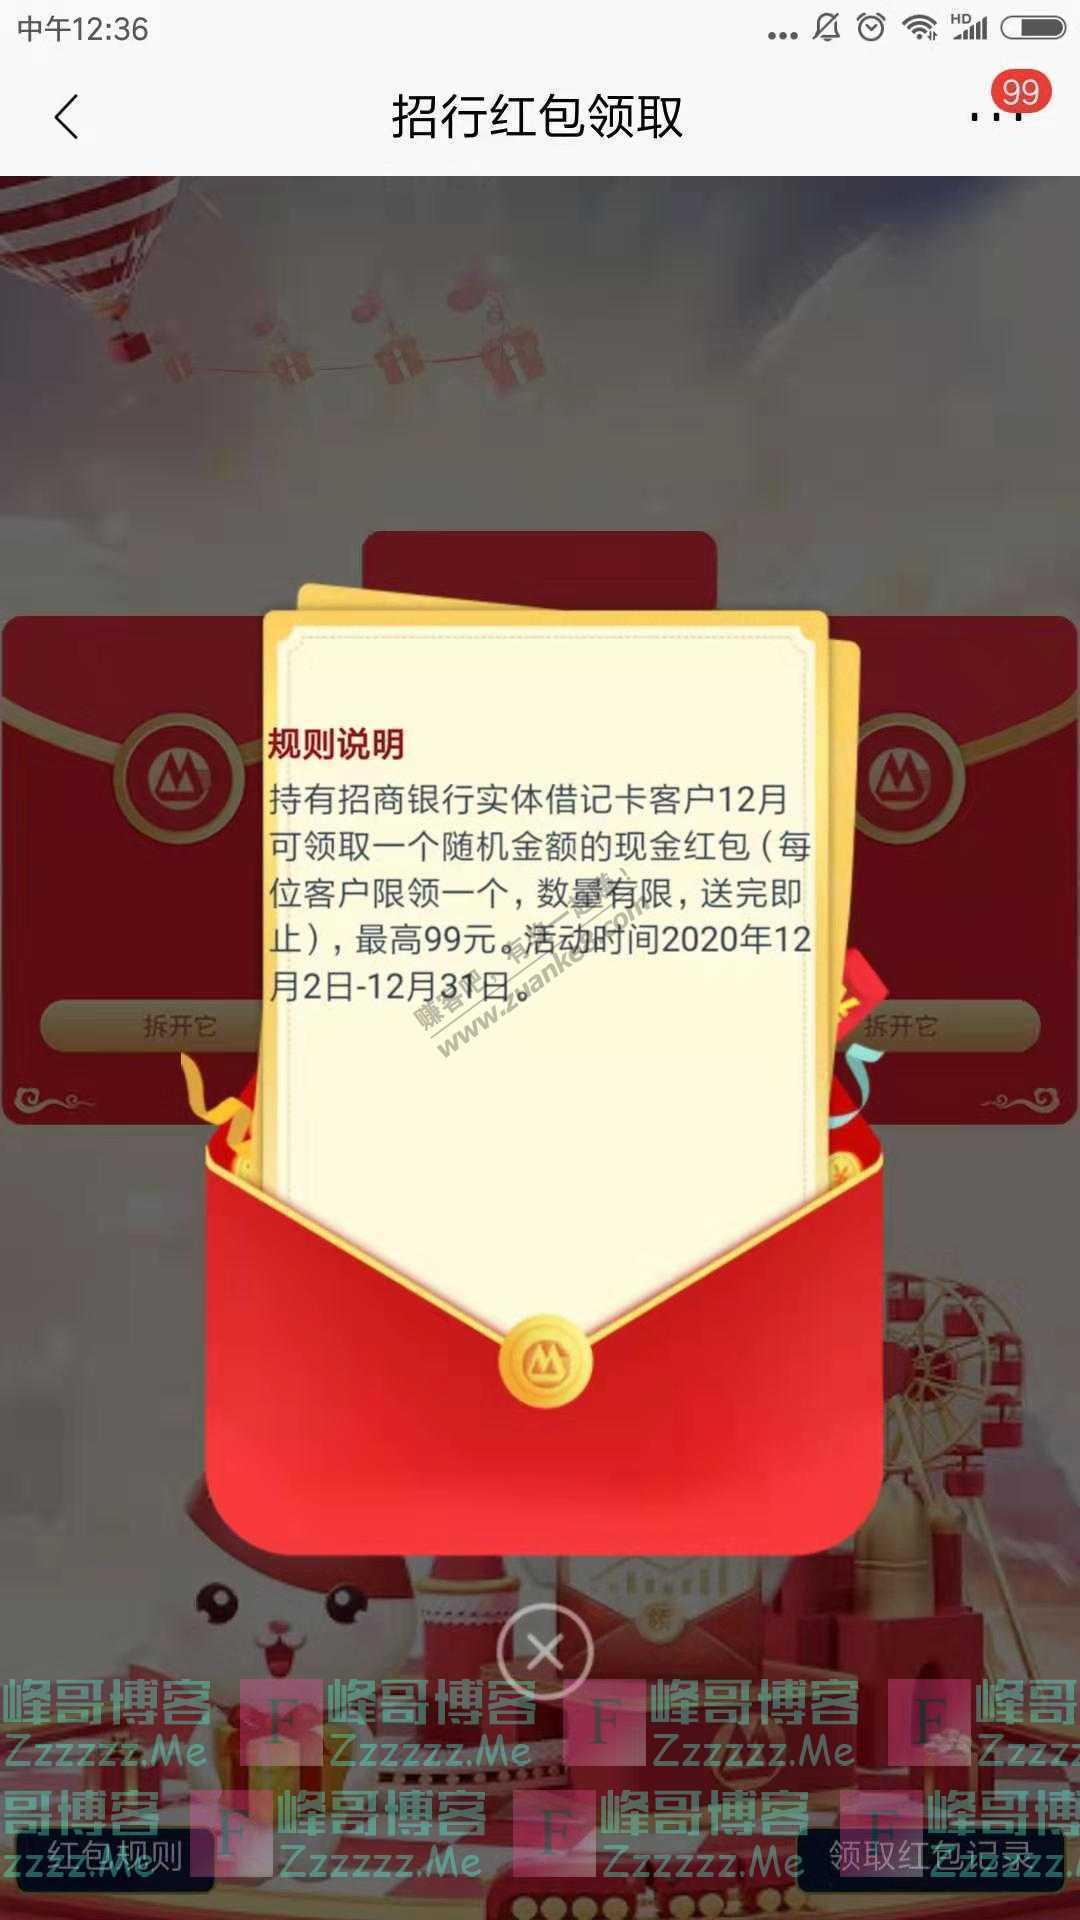 招商银行app十二月红包雨来喽最高99元(截止12月31日)